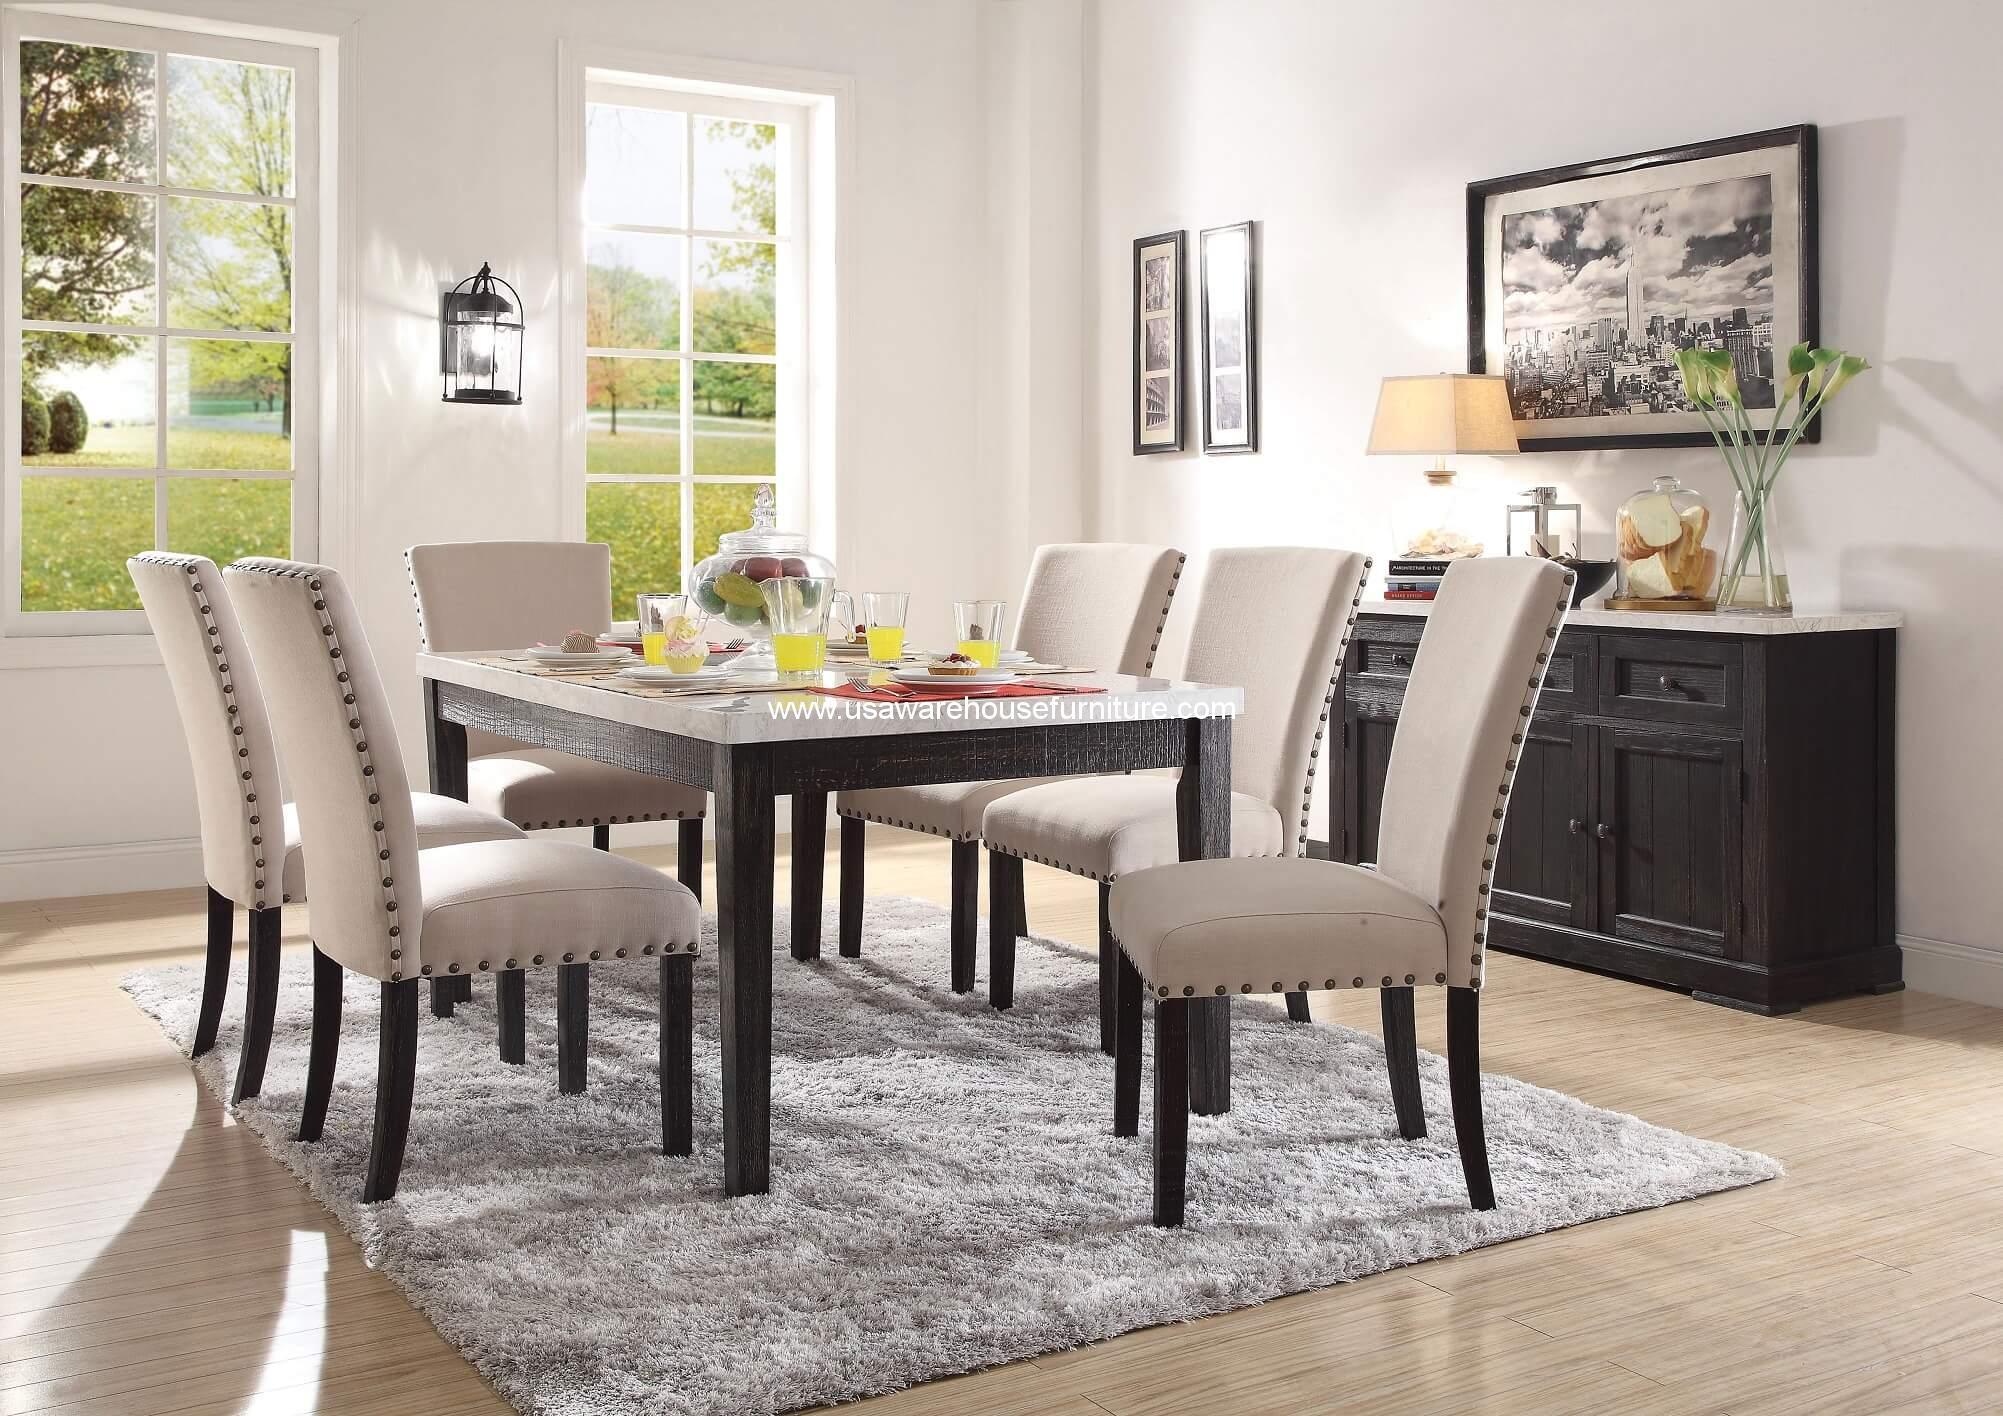 7 Piece Nolan White Marble Top Rectangular Dining Set